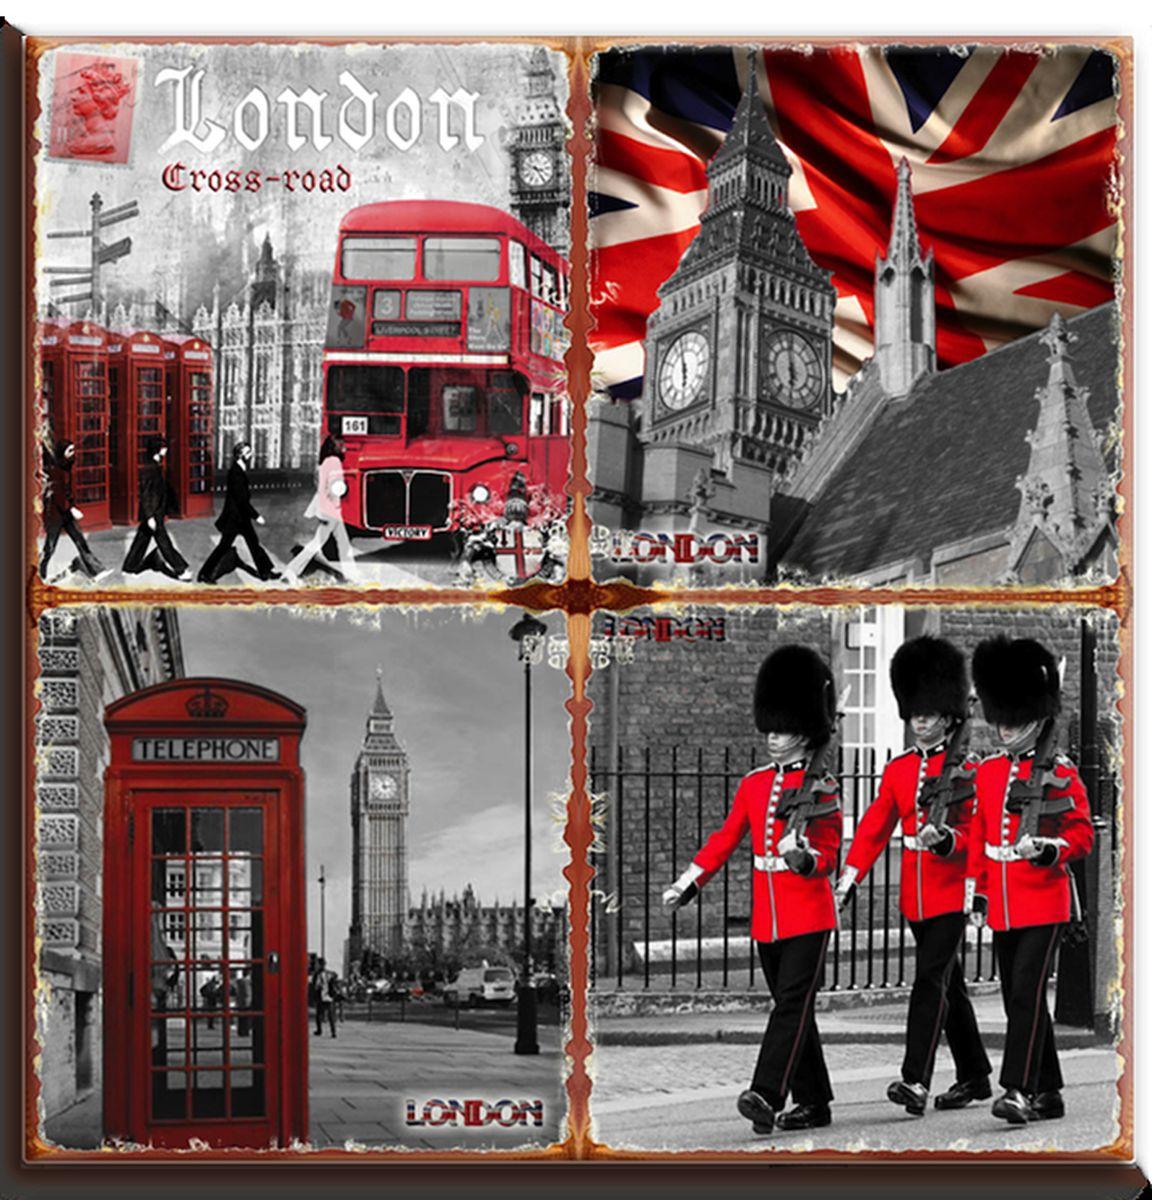 Подставка под горячее GiftnHome Лондон в красных тонах, 20 см х 20 см115510Квадратная подставка под горячее GiftnHome Лондон в красных тонах выполнена из высококачественной керамики. Изделие, декорированное красочными изображениями достопримечательностей Лондона, идеально впишется в интерьер современной кухни. Специальное пробковое основание подставки защитит вашу мебель от царапин. Изделие не боится высоких температур и легко чиститься от пятен и жира.Каждая хозяйка знает, что подставка под горячее - это незаменимый и очень полезный аксессуар на каждой кухне. Ваш стол будет не только украшен оригинальной подставкой с красивым рисунком, но и сбережен от воздействия высоких температур ваших кулинарных шедевров. Нельзя мыть в посудомоечной машине.Размер подставки: 20 см х 20 см х 0,8 см.